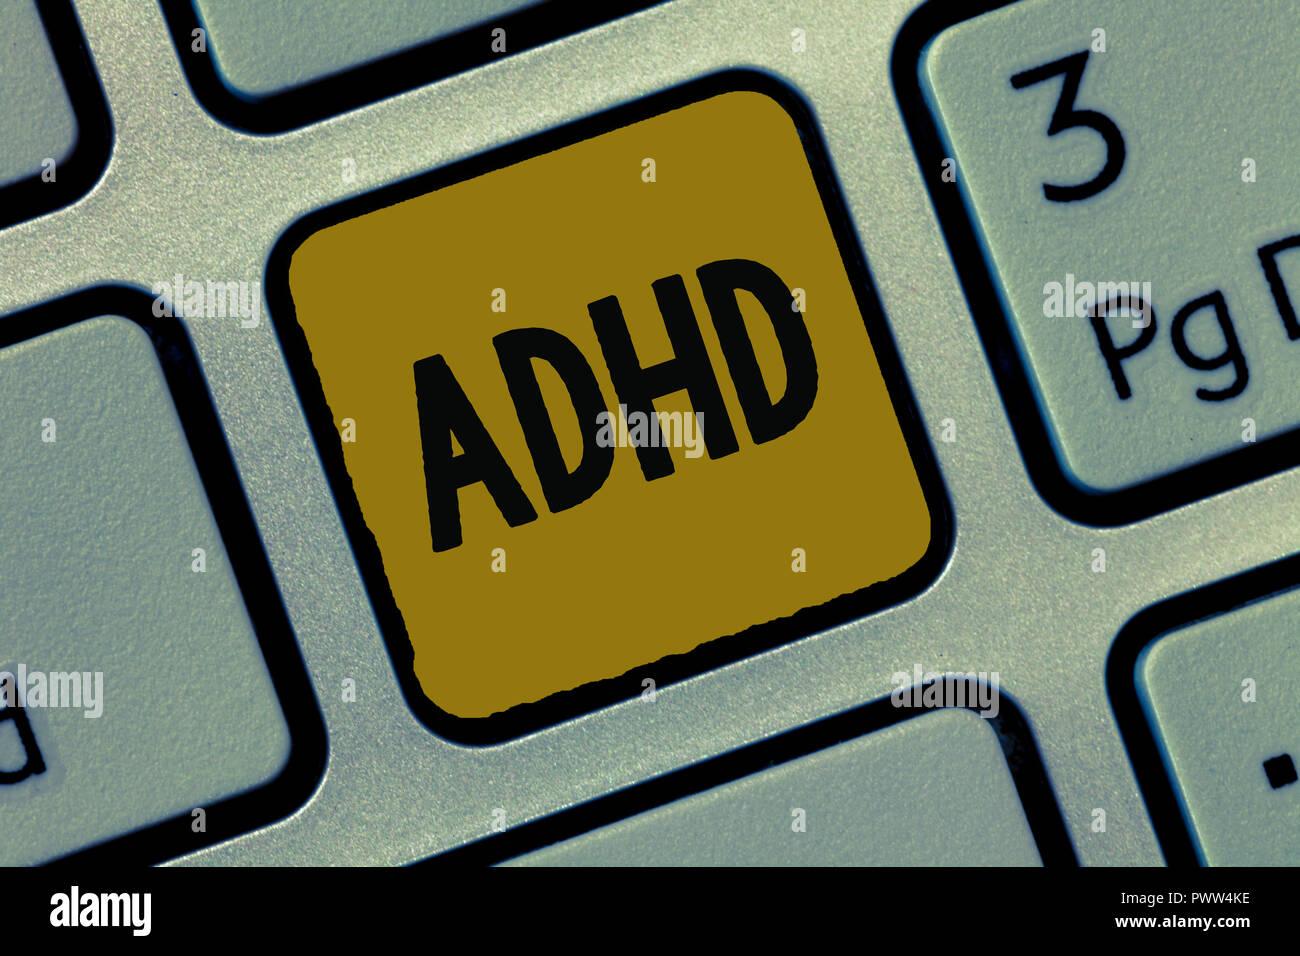 Segno di testo che mostra l'ADHD. Foto concettuale della salute mentale del disturbo di bambini iperattivi Trouble prestando attenzione. Immagini Stock